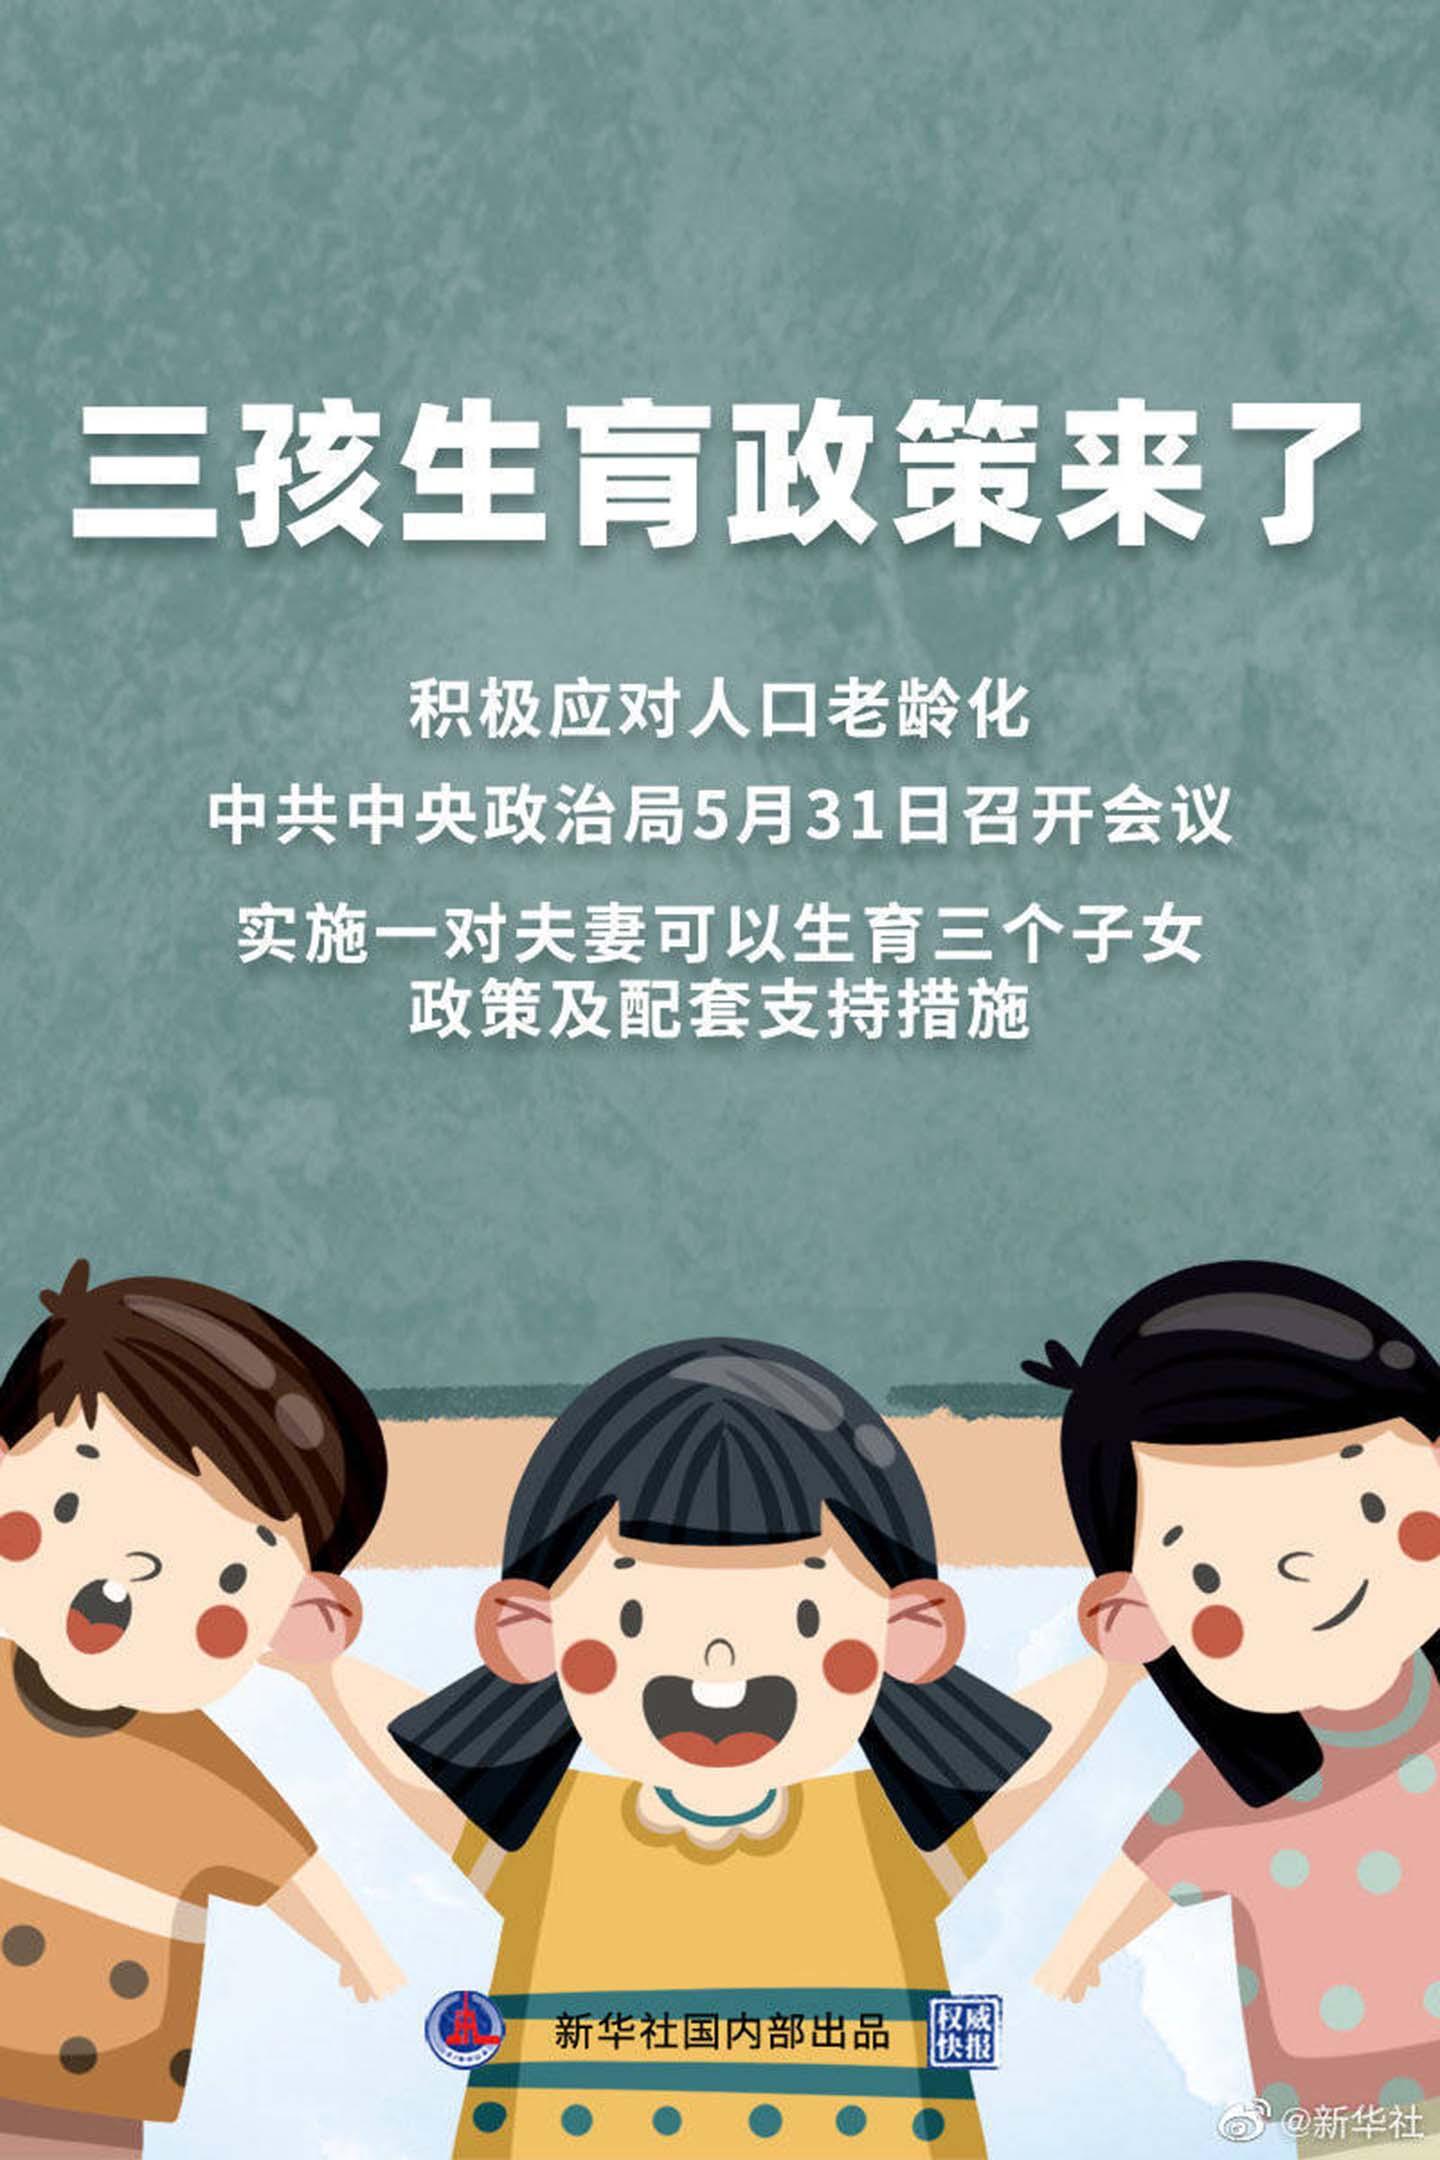 新華社微博發布「三孩生育政策來了」海報,惟誤將「育」字打成了「病入膏肓」的「肓」。